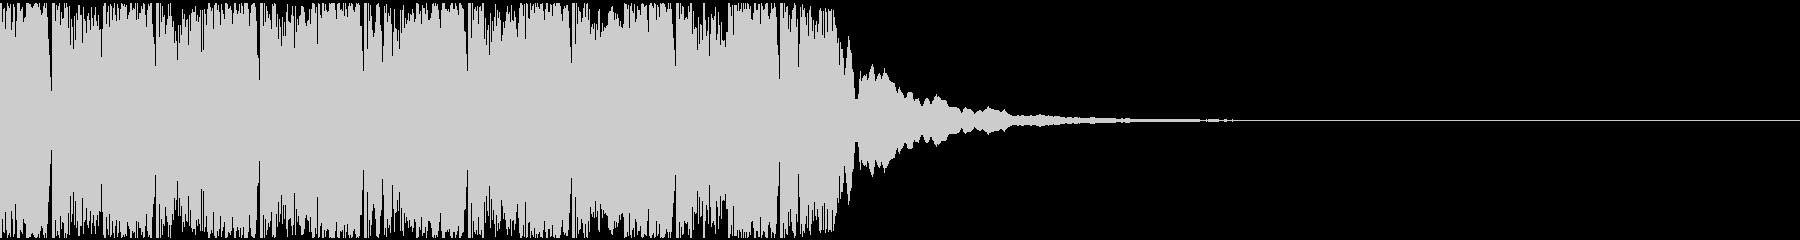 【アンビエント】ロング1、ショート3の未再生の波形